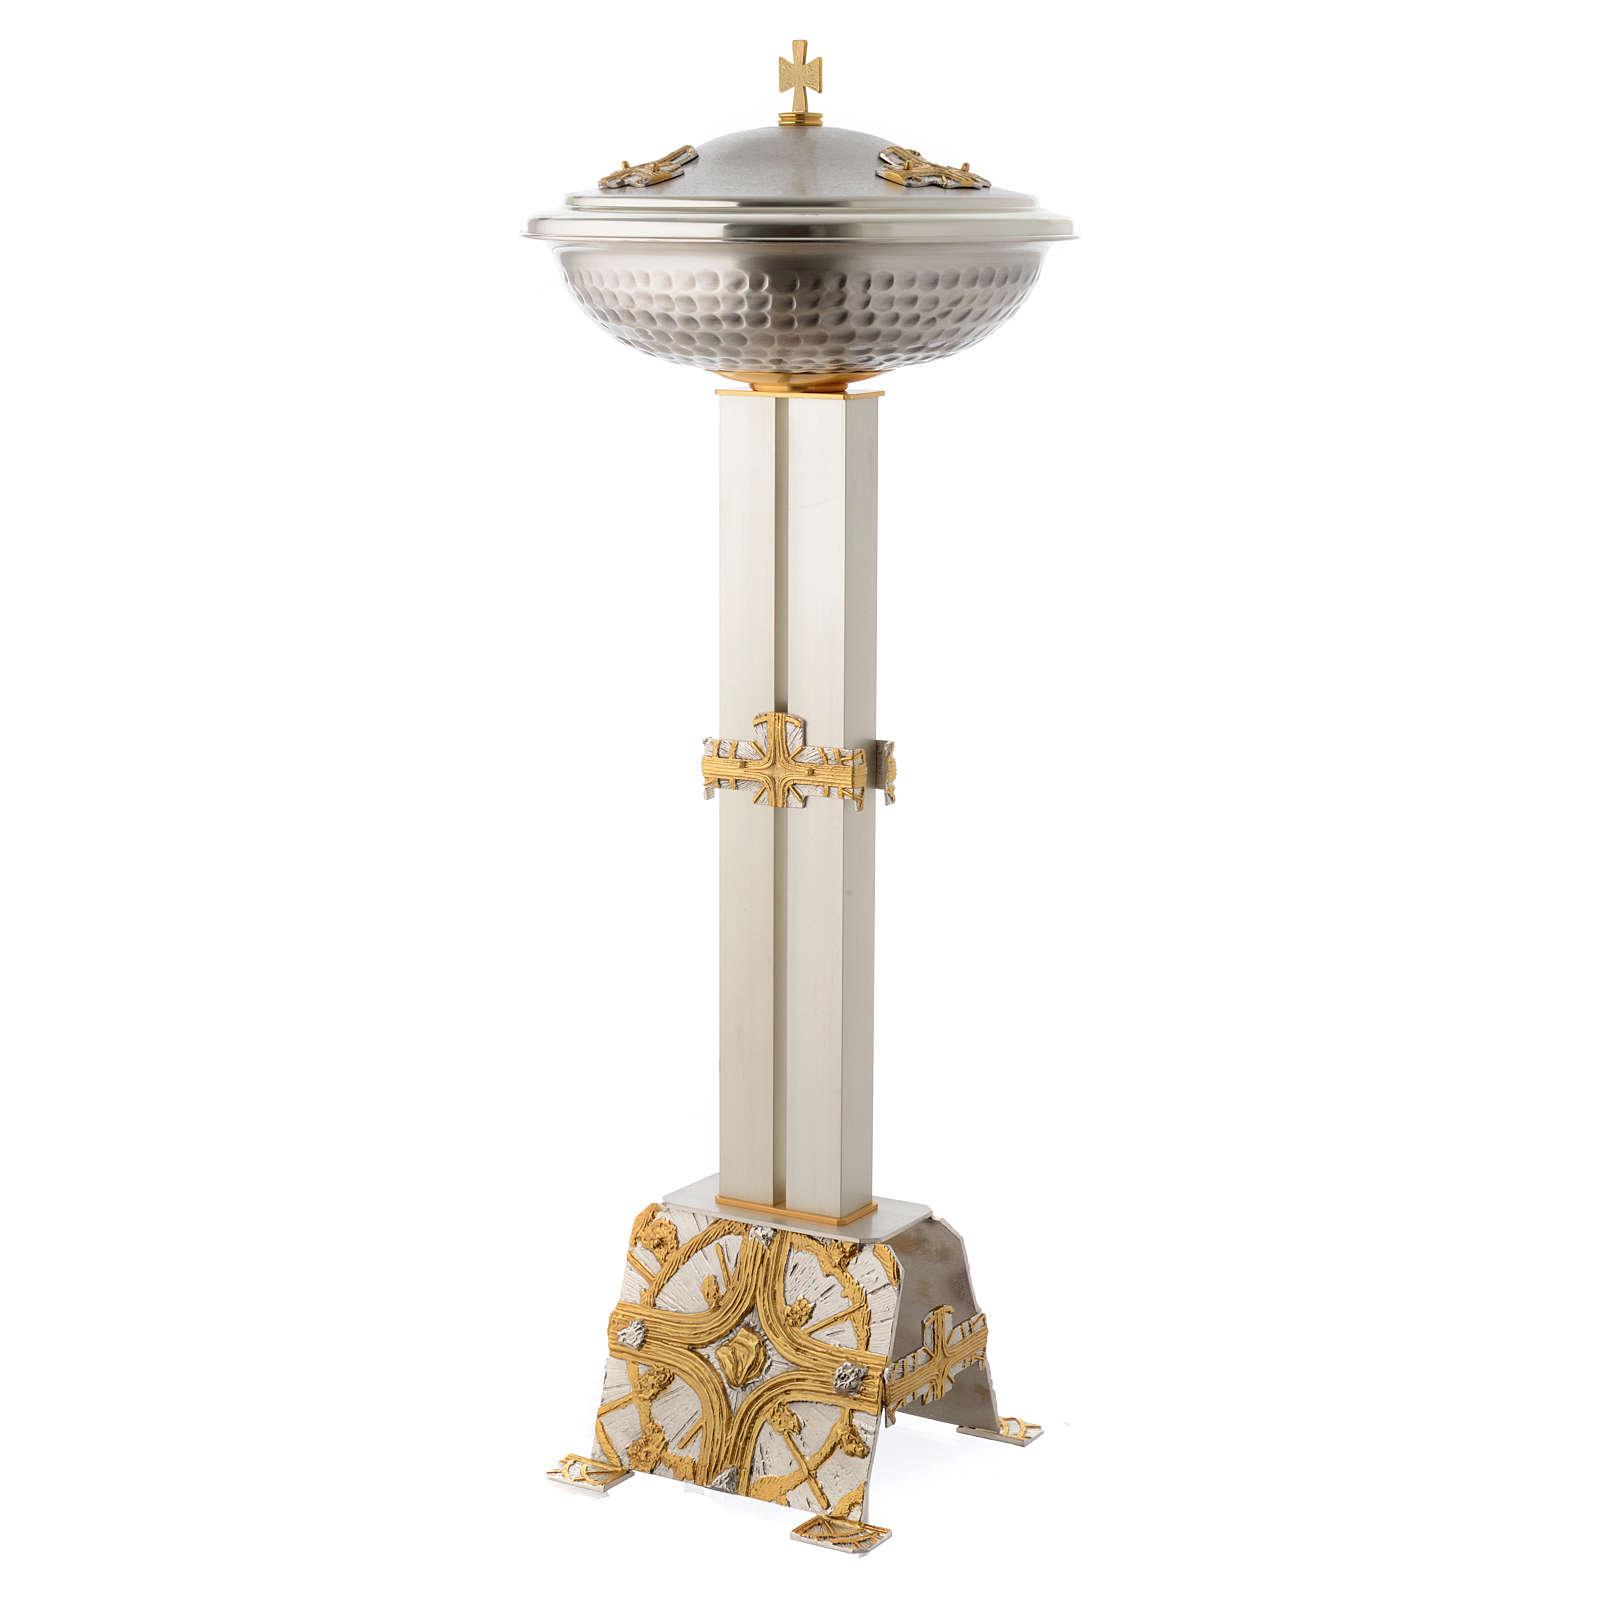 Fuente bautismal de bronce dorado y plateado 4